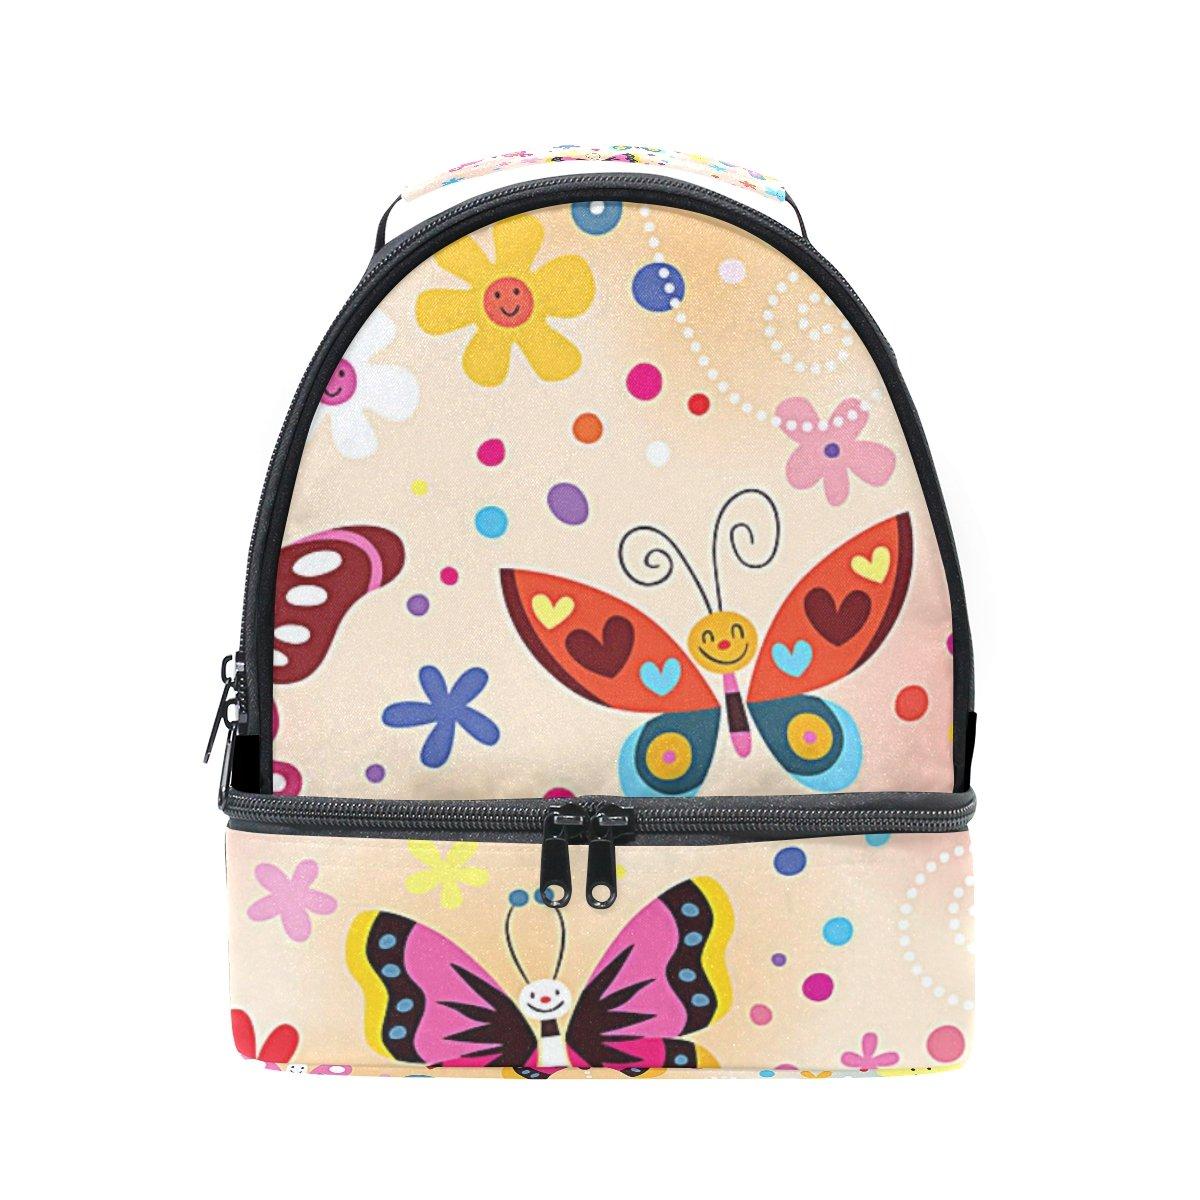 Insulated Lunchバッグキュートバタフライ花絵文字の女性キッズ用ガールズアウトドアキャンプ学校 B07DR936QF